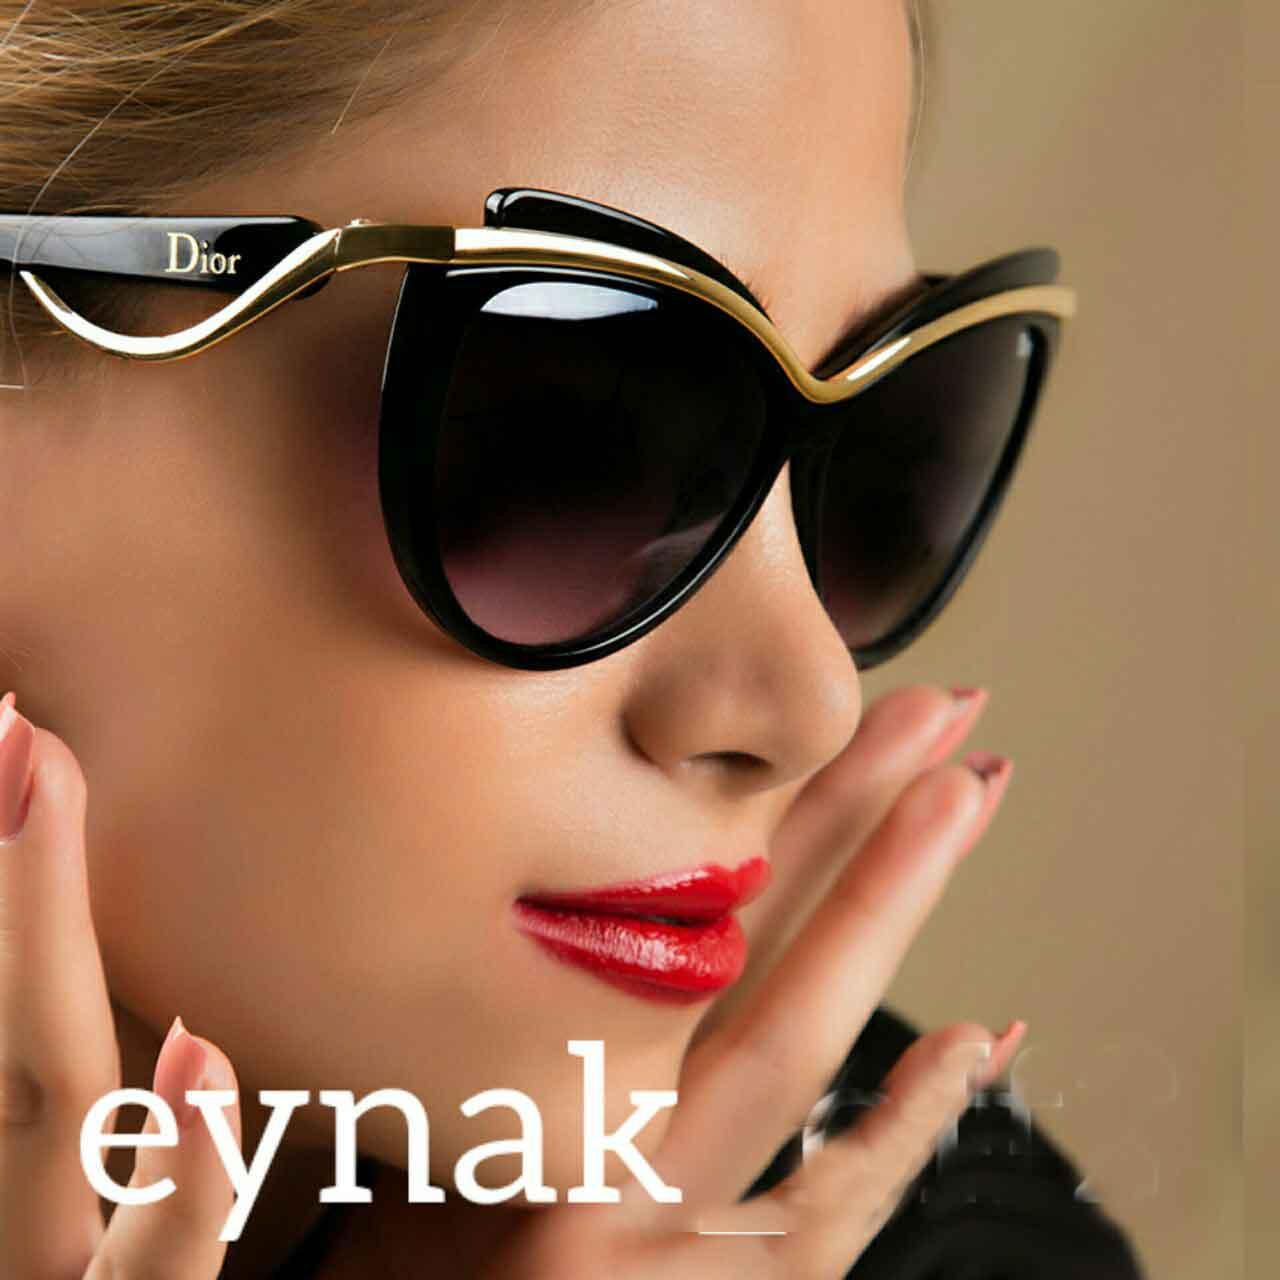 عینک زنانه مارک دیور ارکید اصل